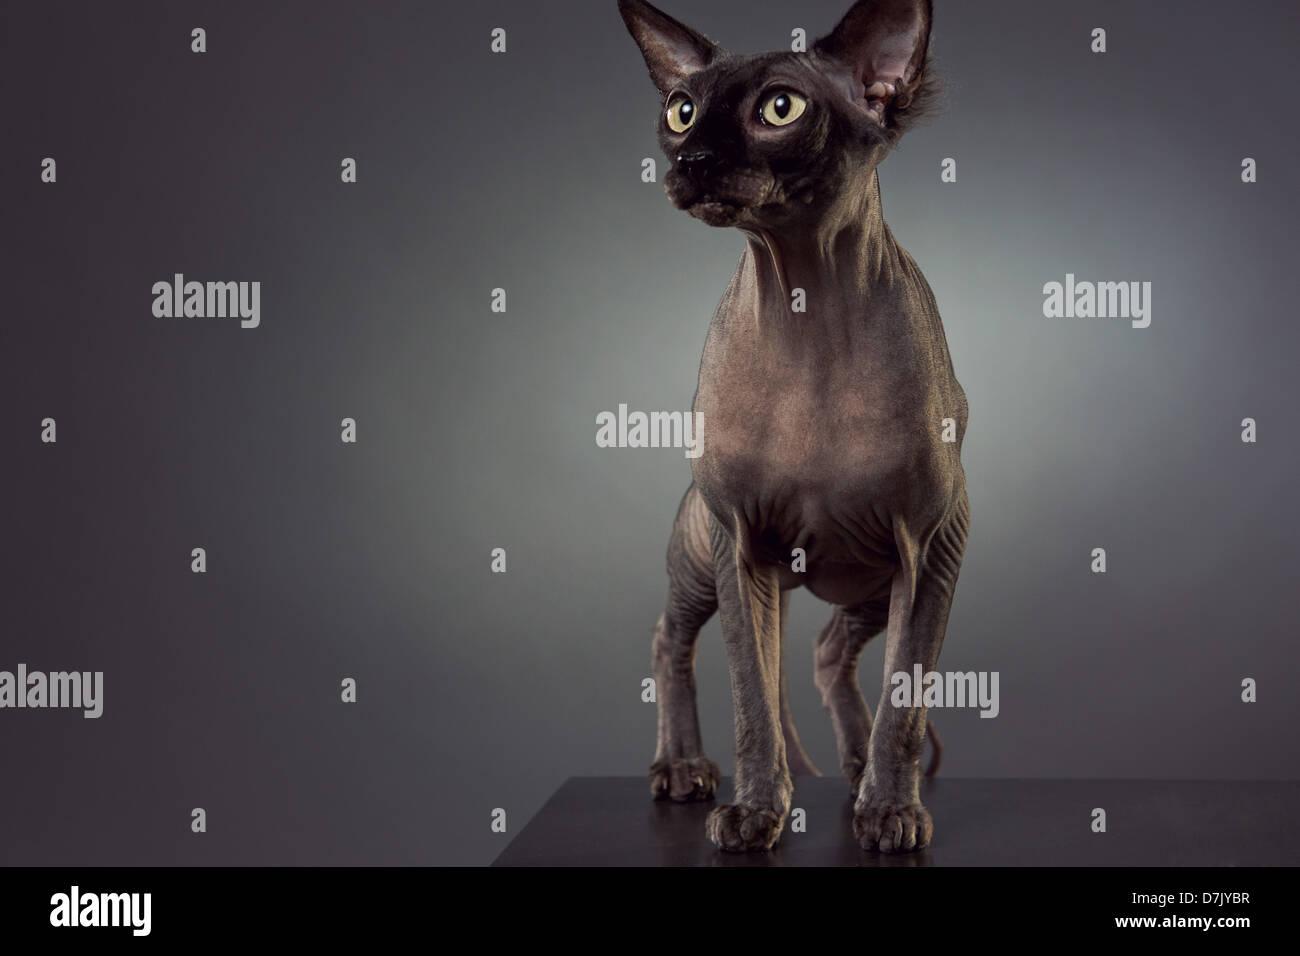 Porträt von Sphinx Katzenallergie im studio Stockbild